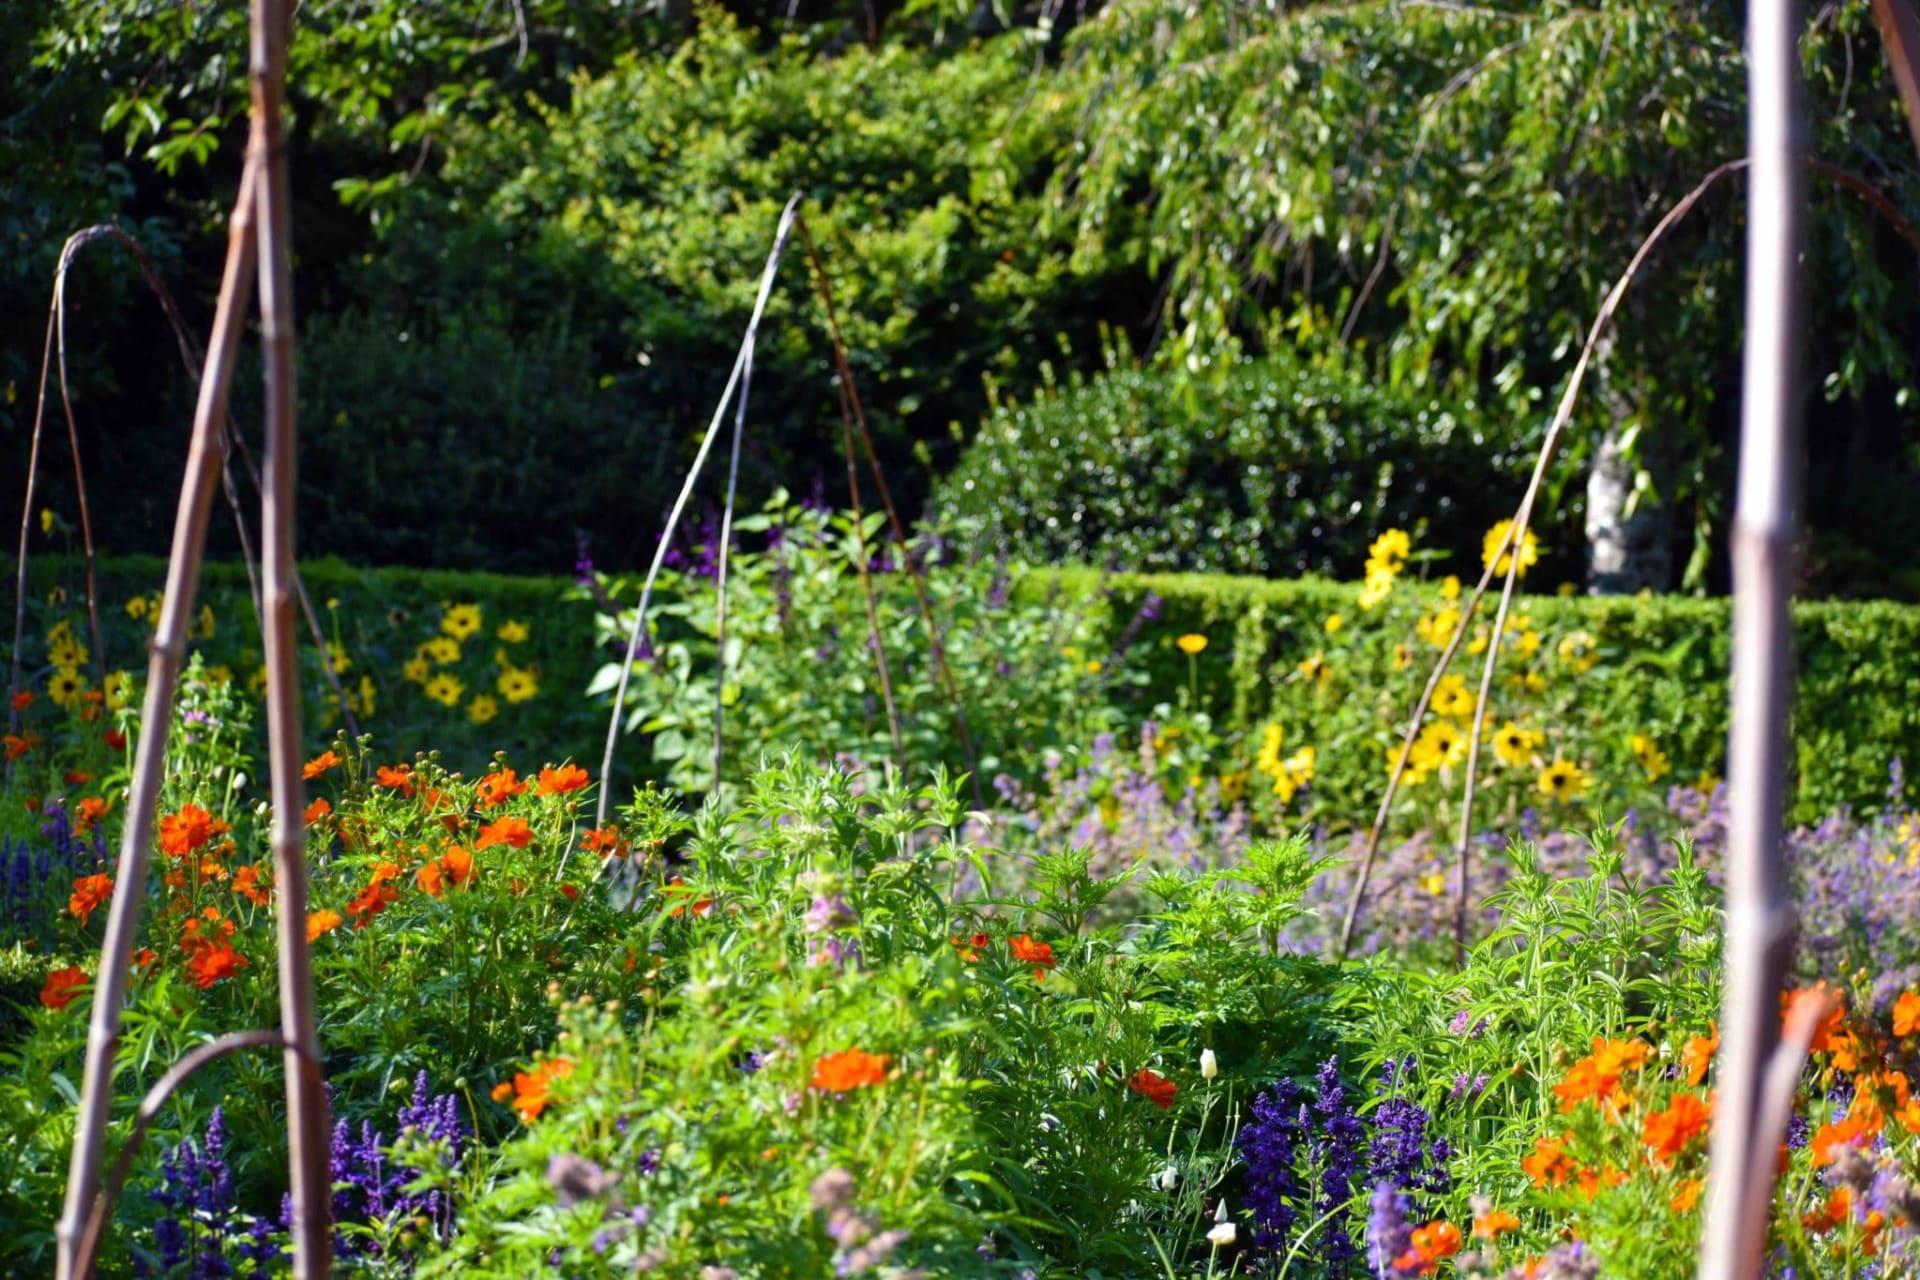 California - Filoli | Fruitful Garden Pt. 2: Medicinal & Pollinator